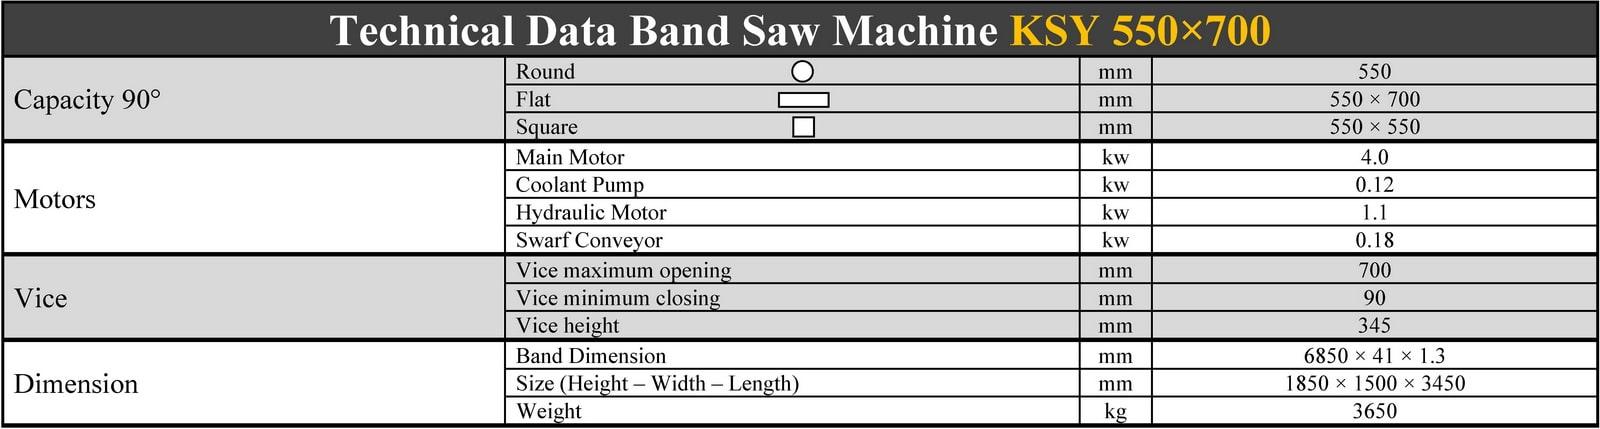 مشخصات فنی دستگاه اره نواری دو ستون نیمه اتوماتیک کسمک - KSY 550*700